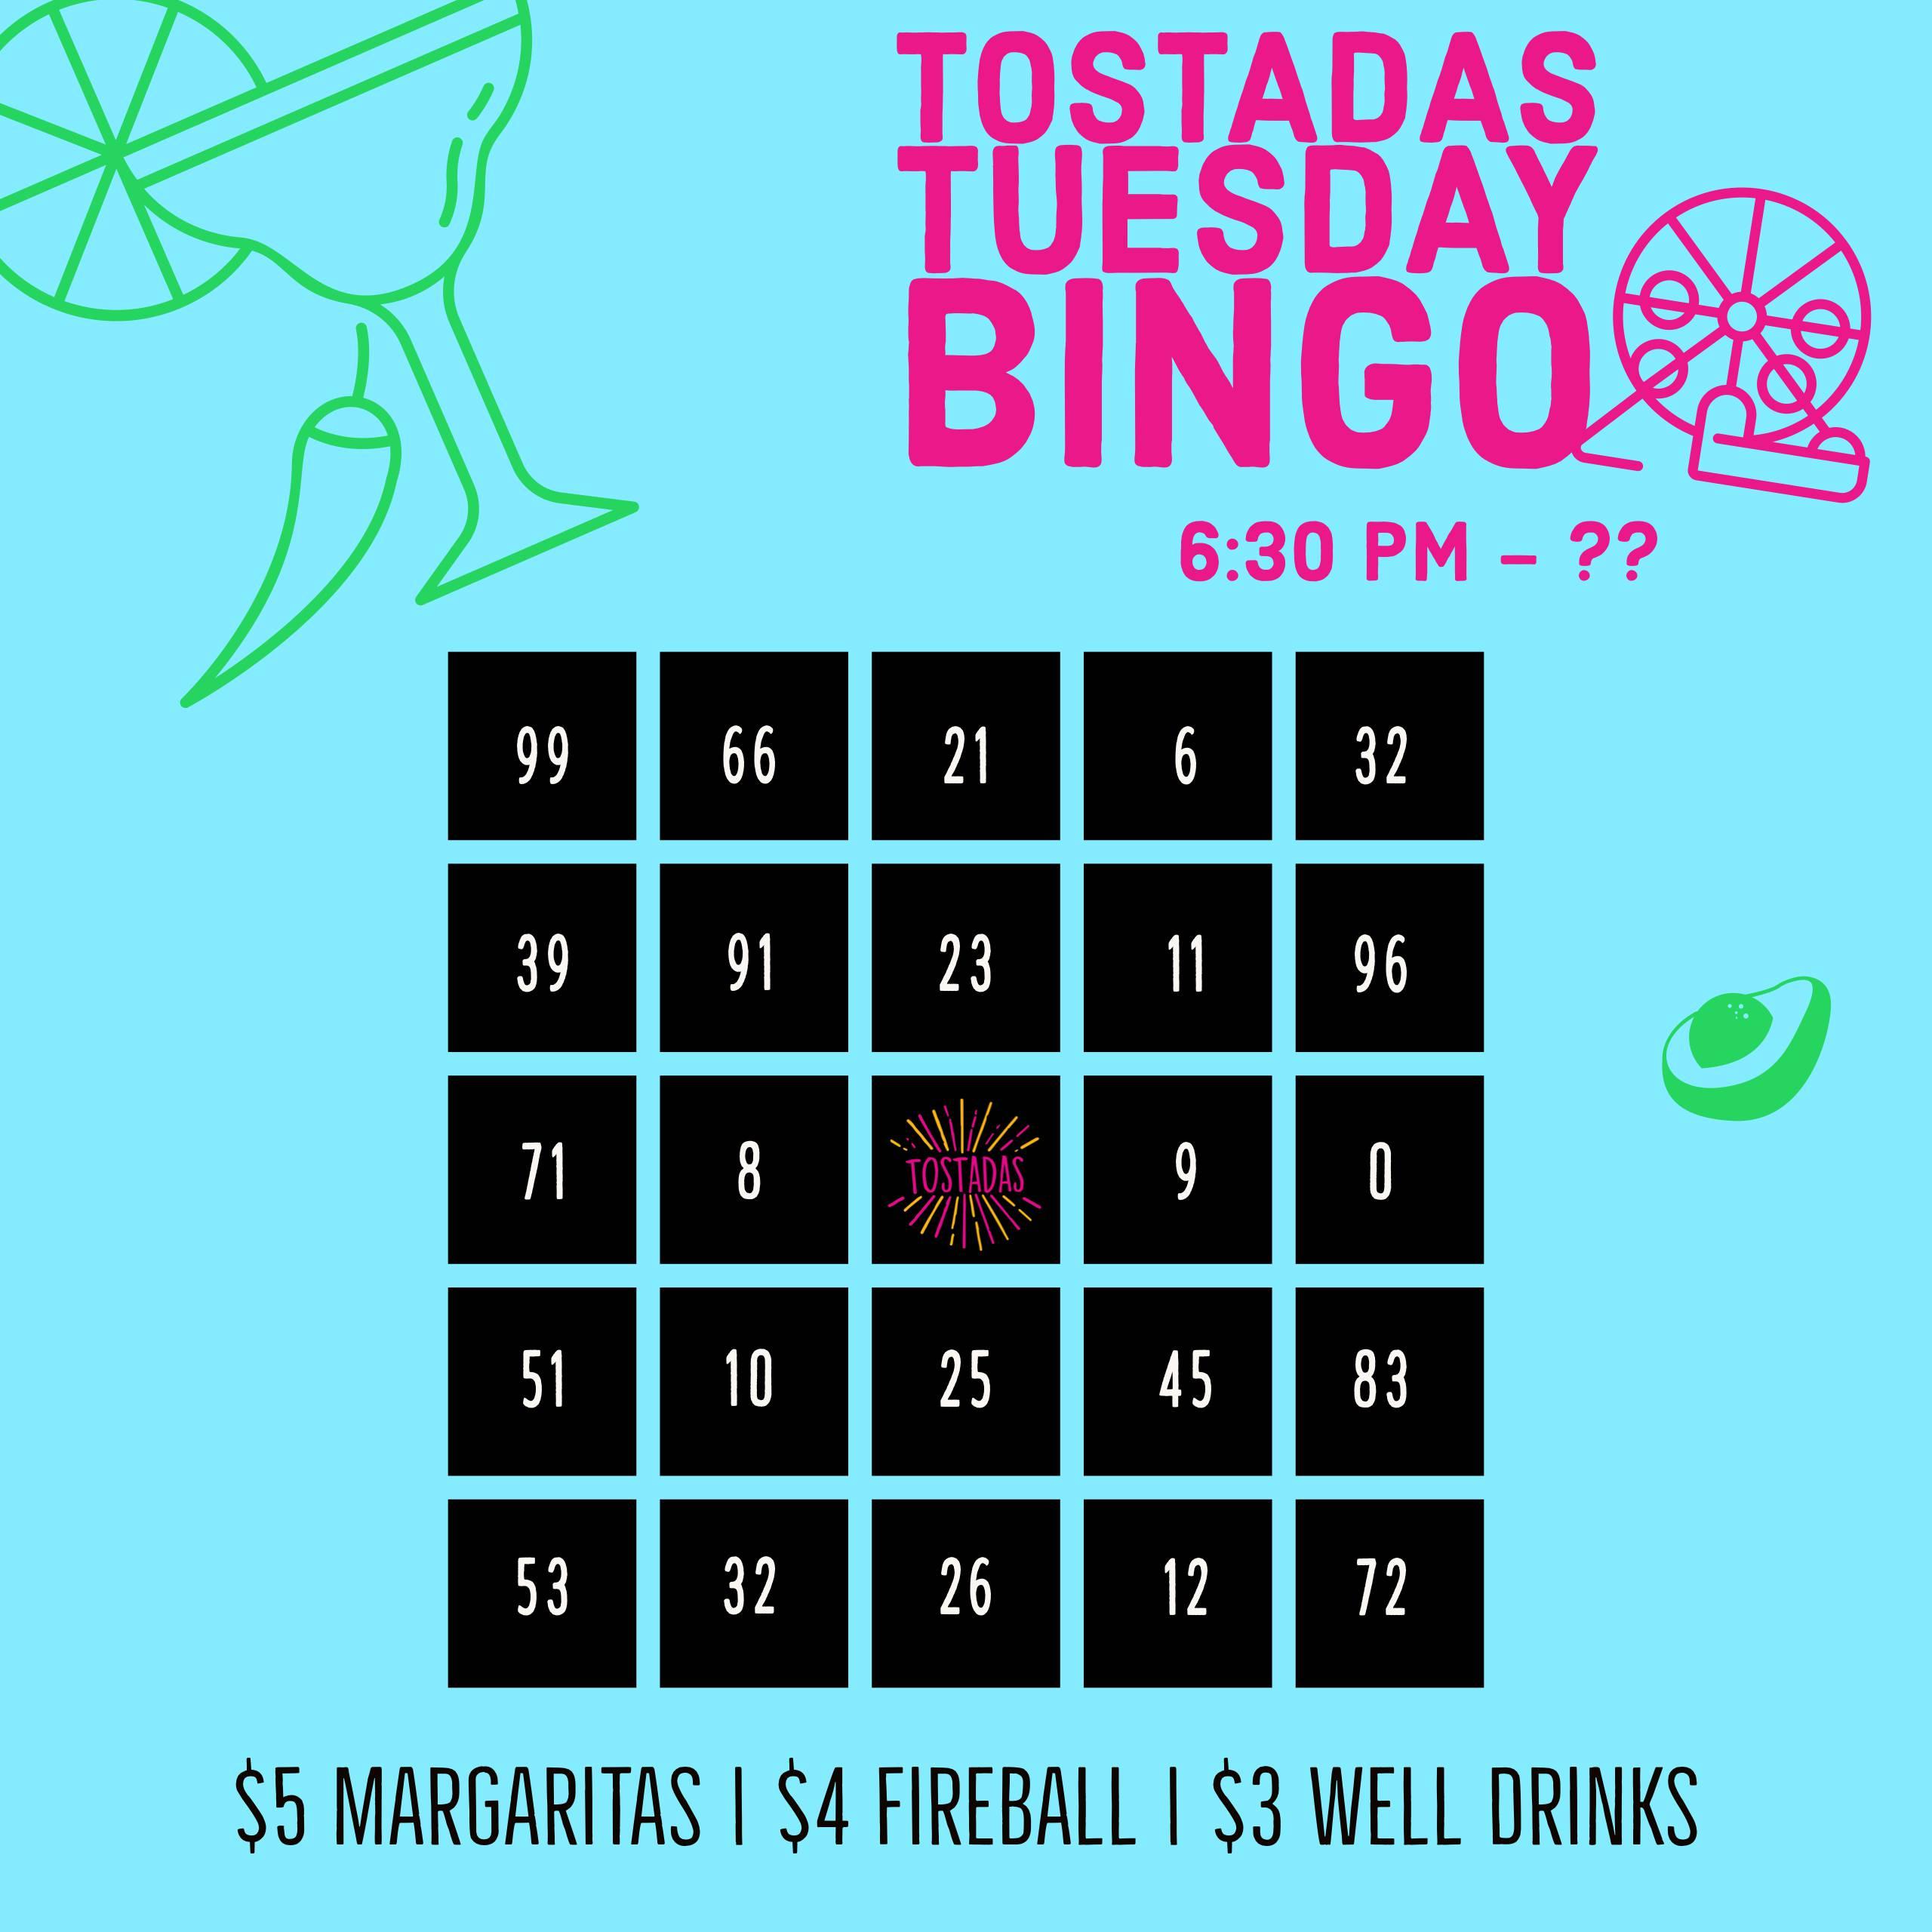 Tuesday Night Bingo at Tostadas!